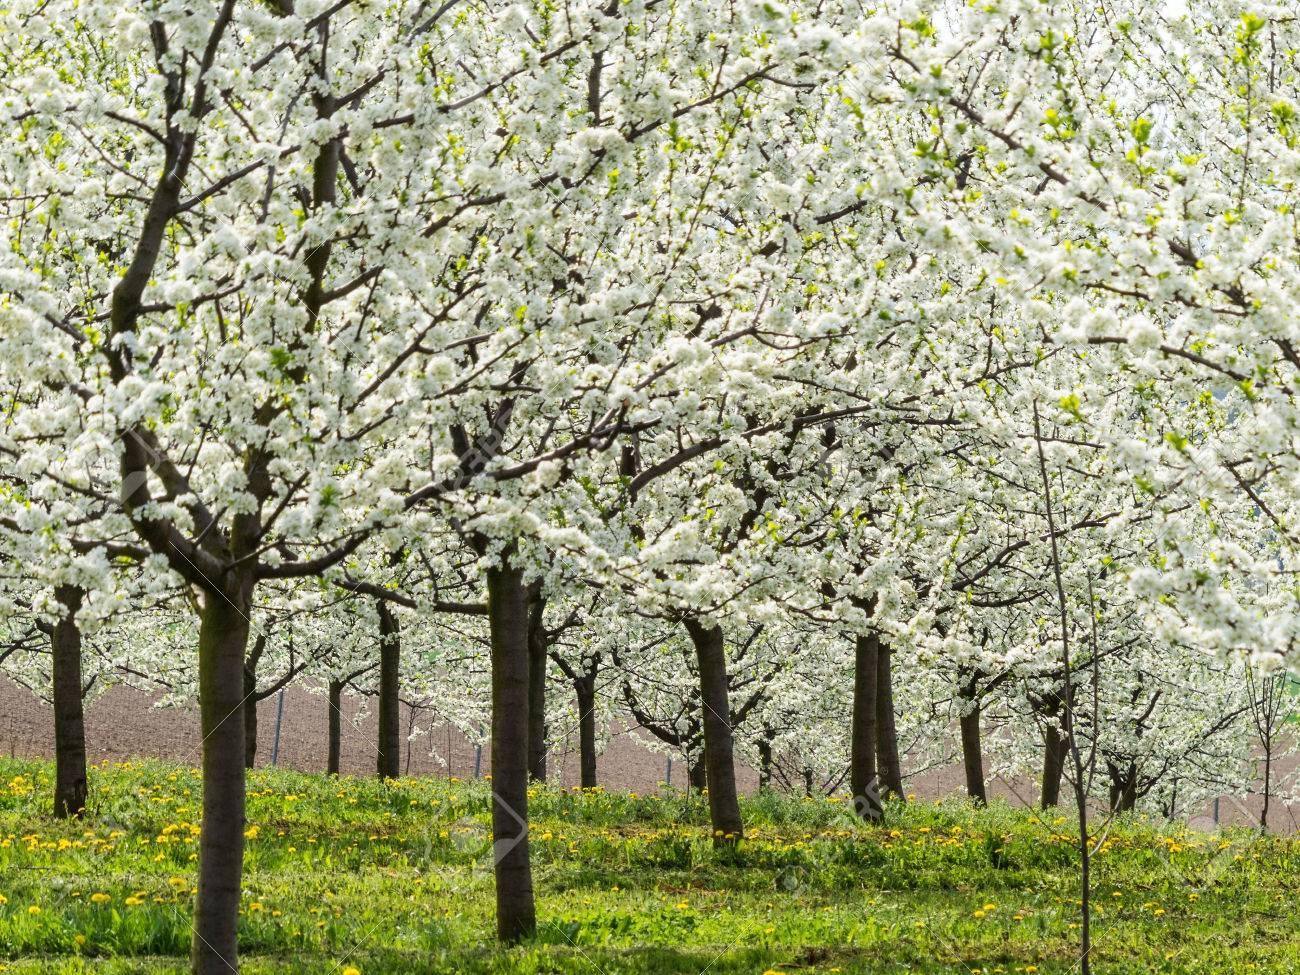 Foto Di Alberi Da Frutto molti alberi da frutto in fiore in primavera. albero di fioritura in  primavera è una bella stagione.